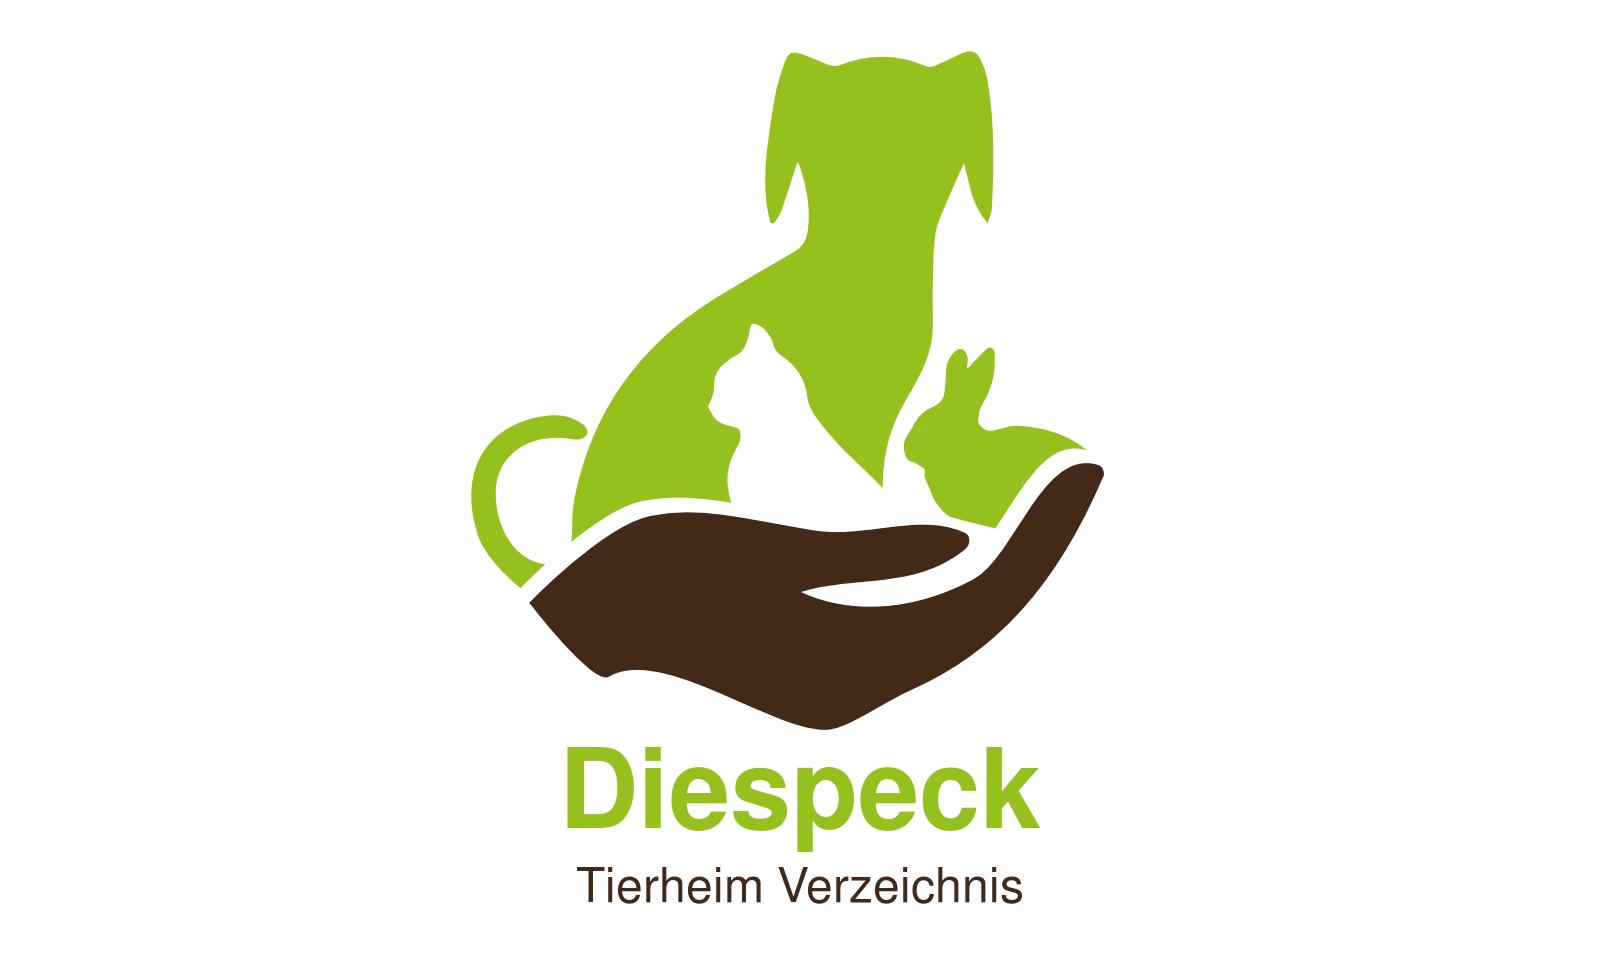 Tierheim Diespeck